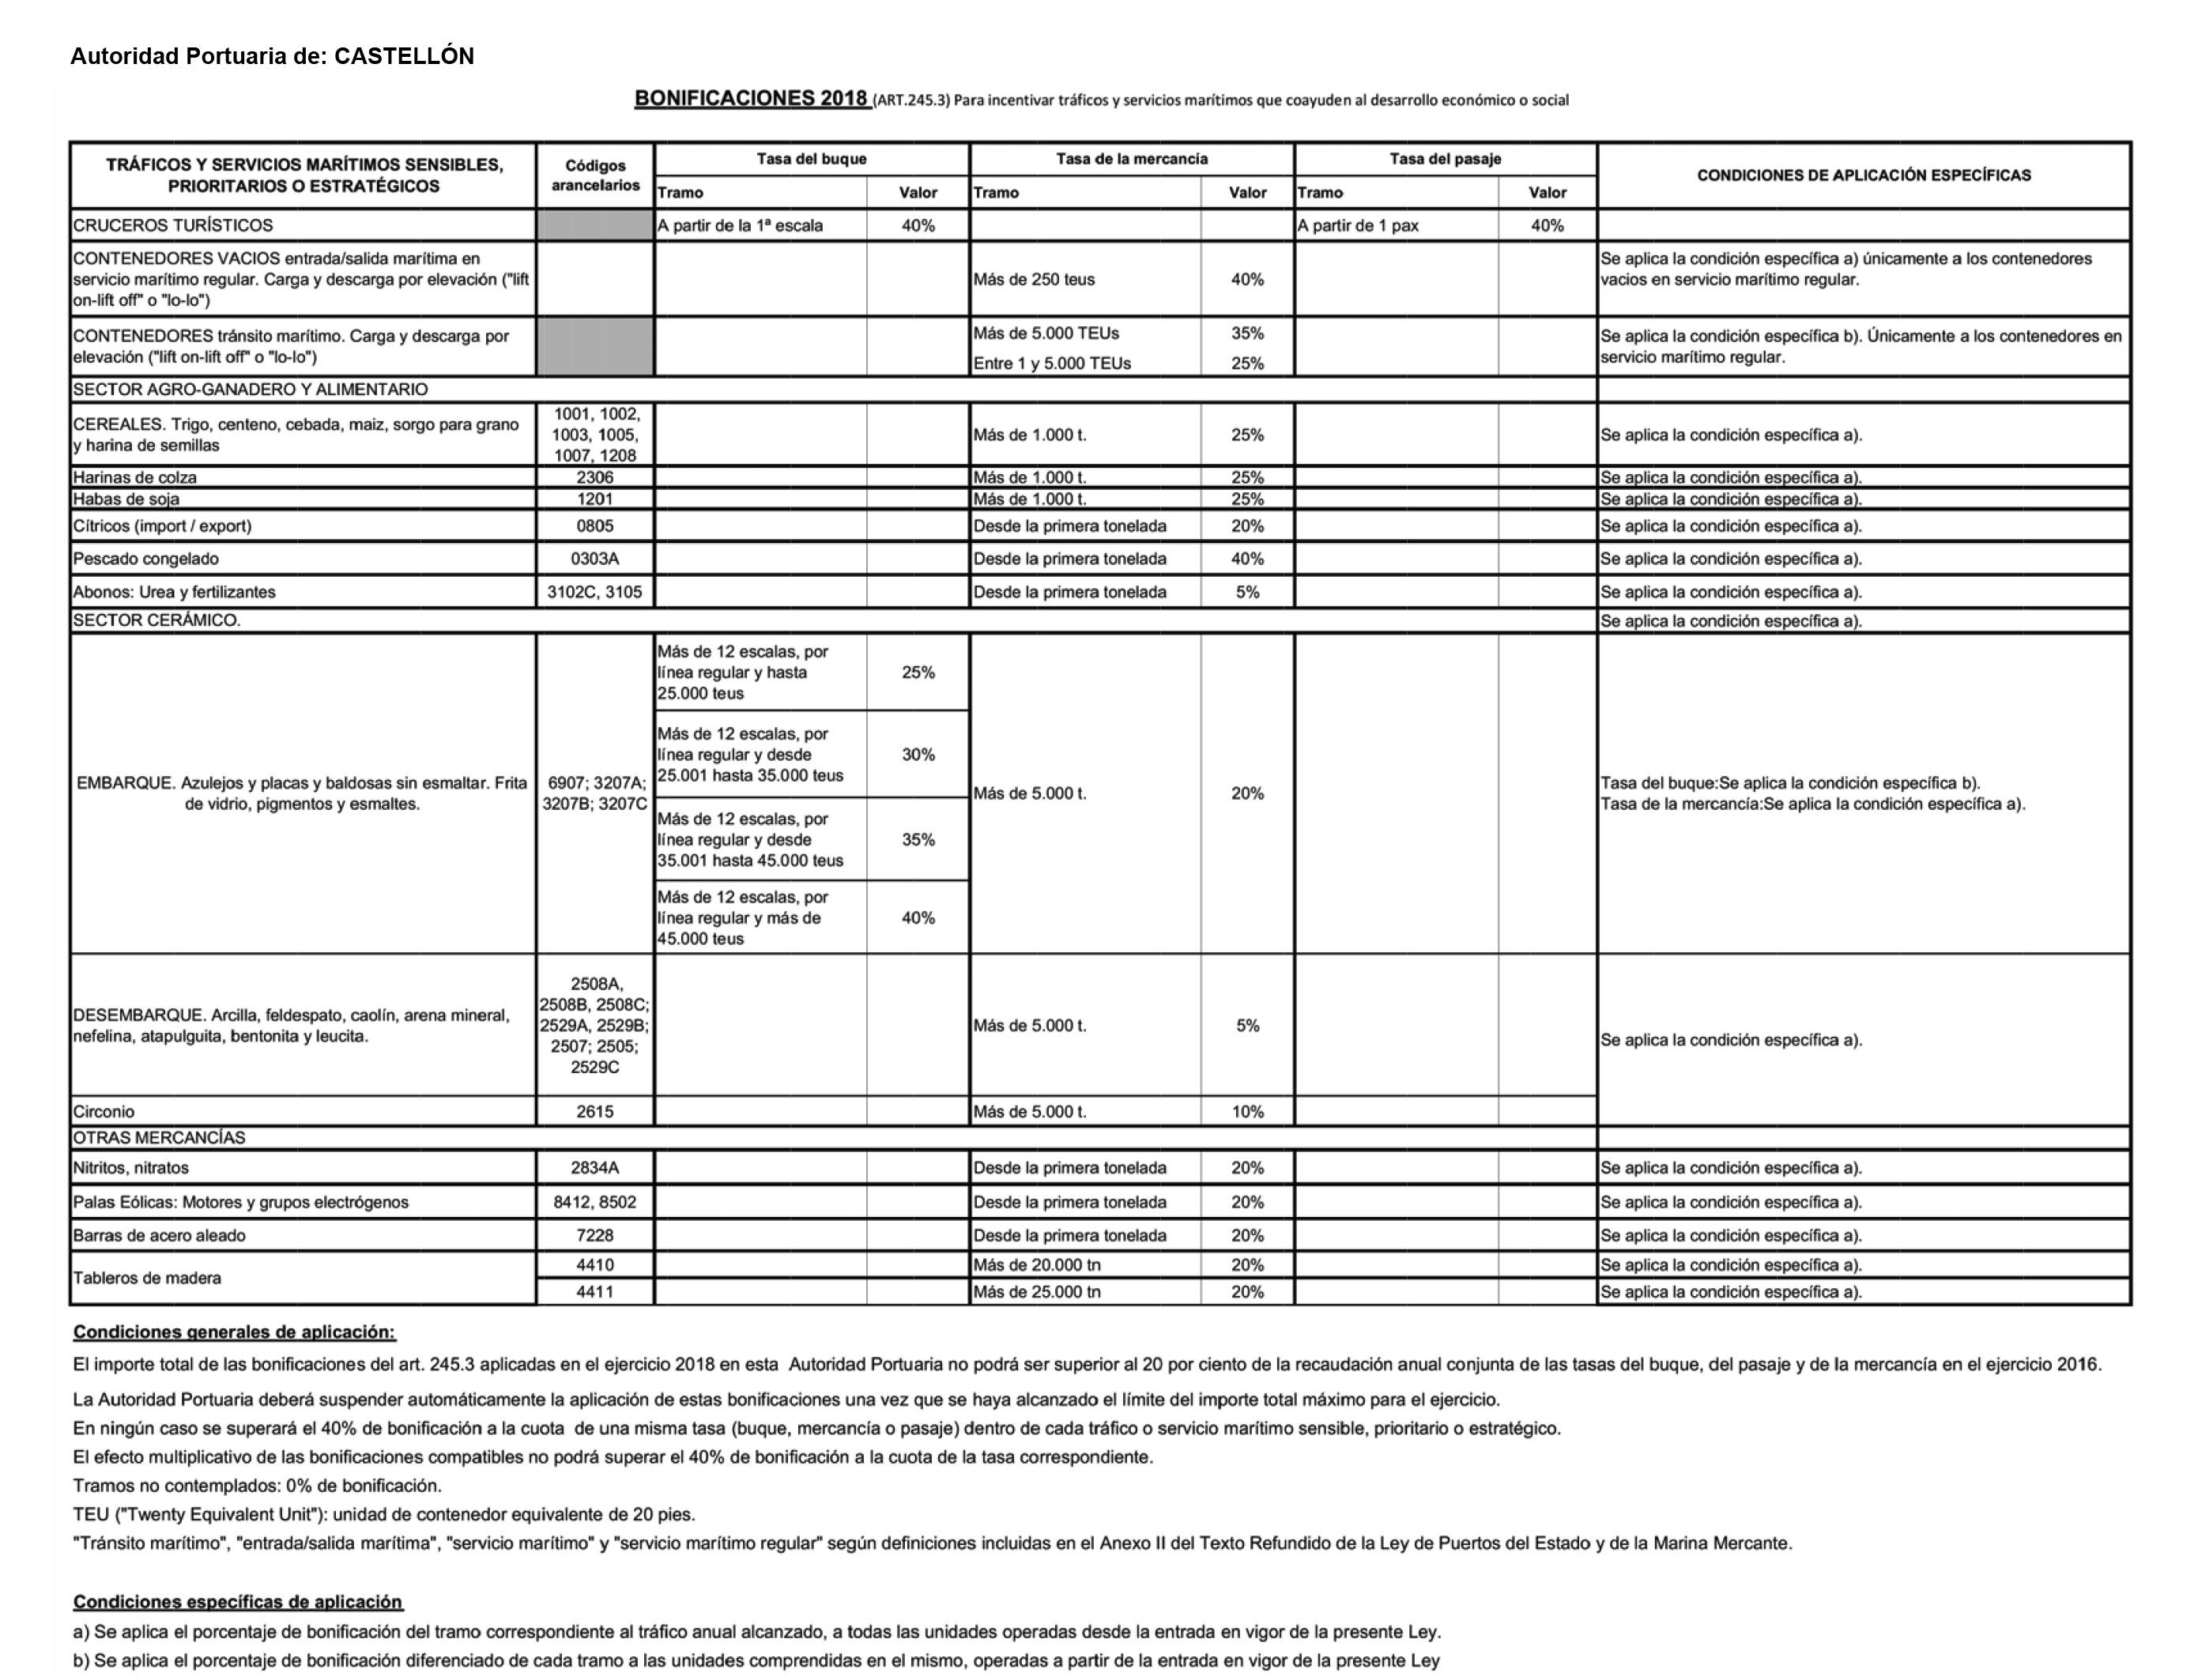 Calendario Laboral 2019 Zamora Más Actual Boe Documento Consolidado Boe A 2018 9268